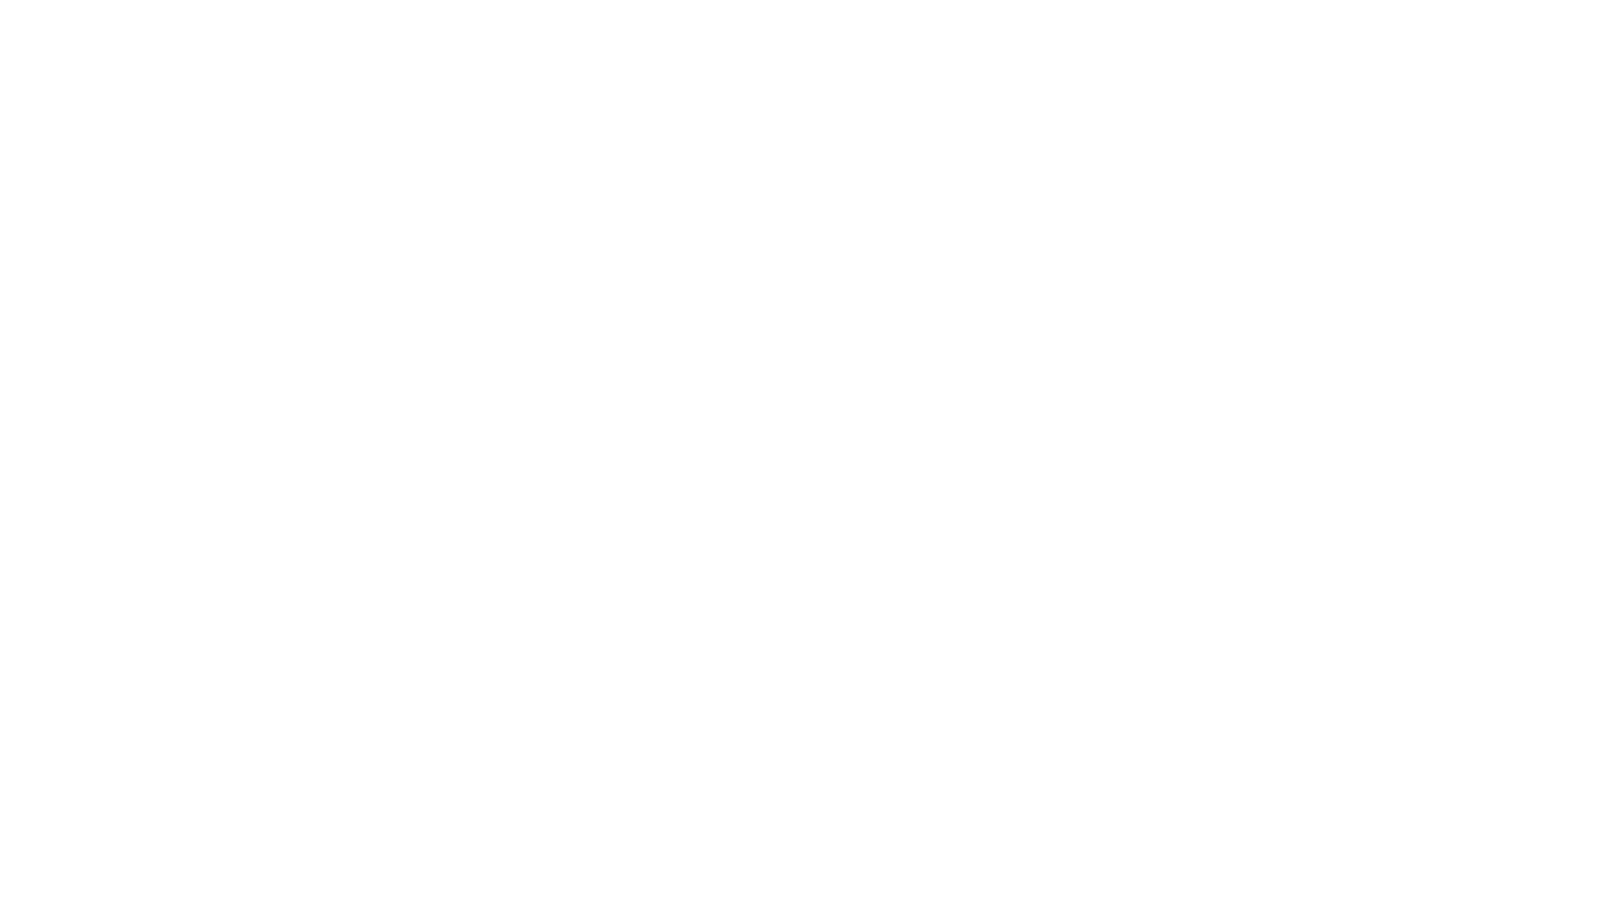 Diese Übung unterstützt dich laut TCM dabei, loszulassen, was du nicht mehr brauchst und so Raum für Neues zu schaffen. Sie schenkt frische Energie in wenigen Minuten.  Weitere Übungen findest du auf www.qi.at . Viel Freude mit der Übung Angela Leiterin der Qigong Akademie Cooper